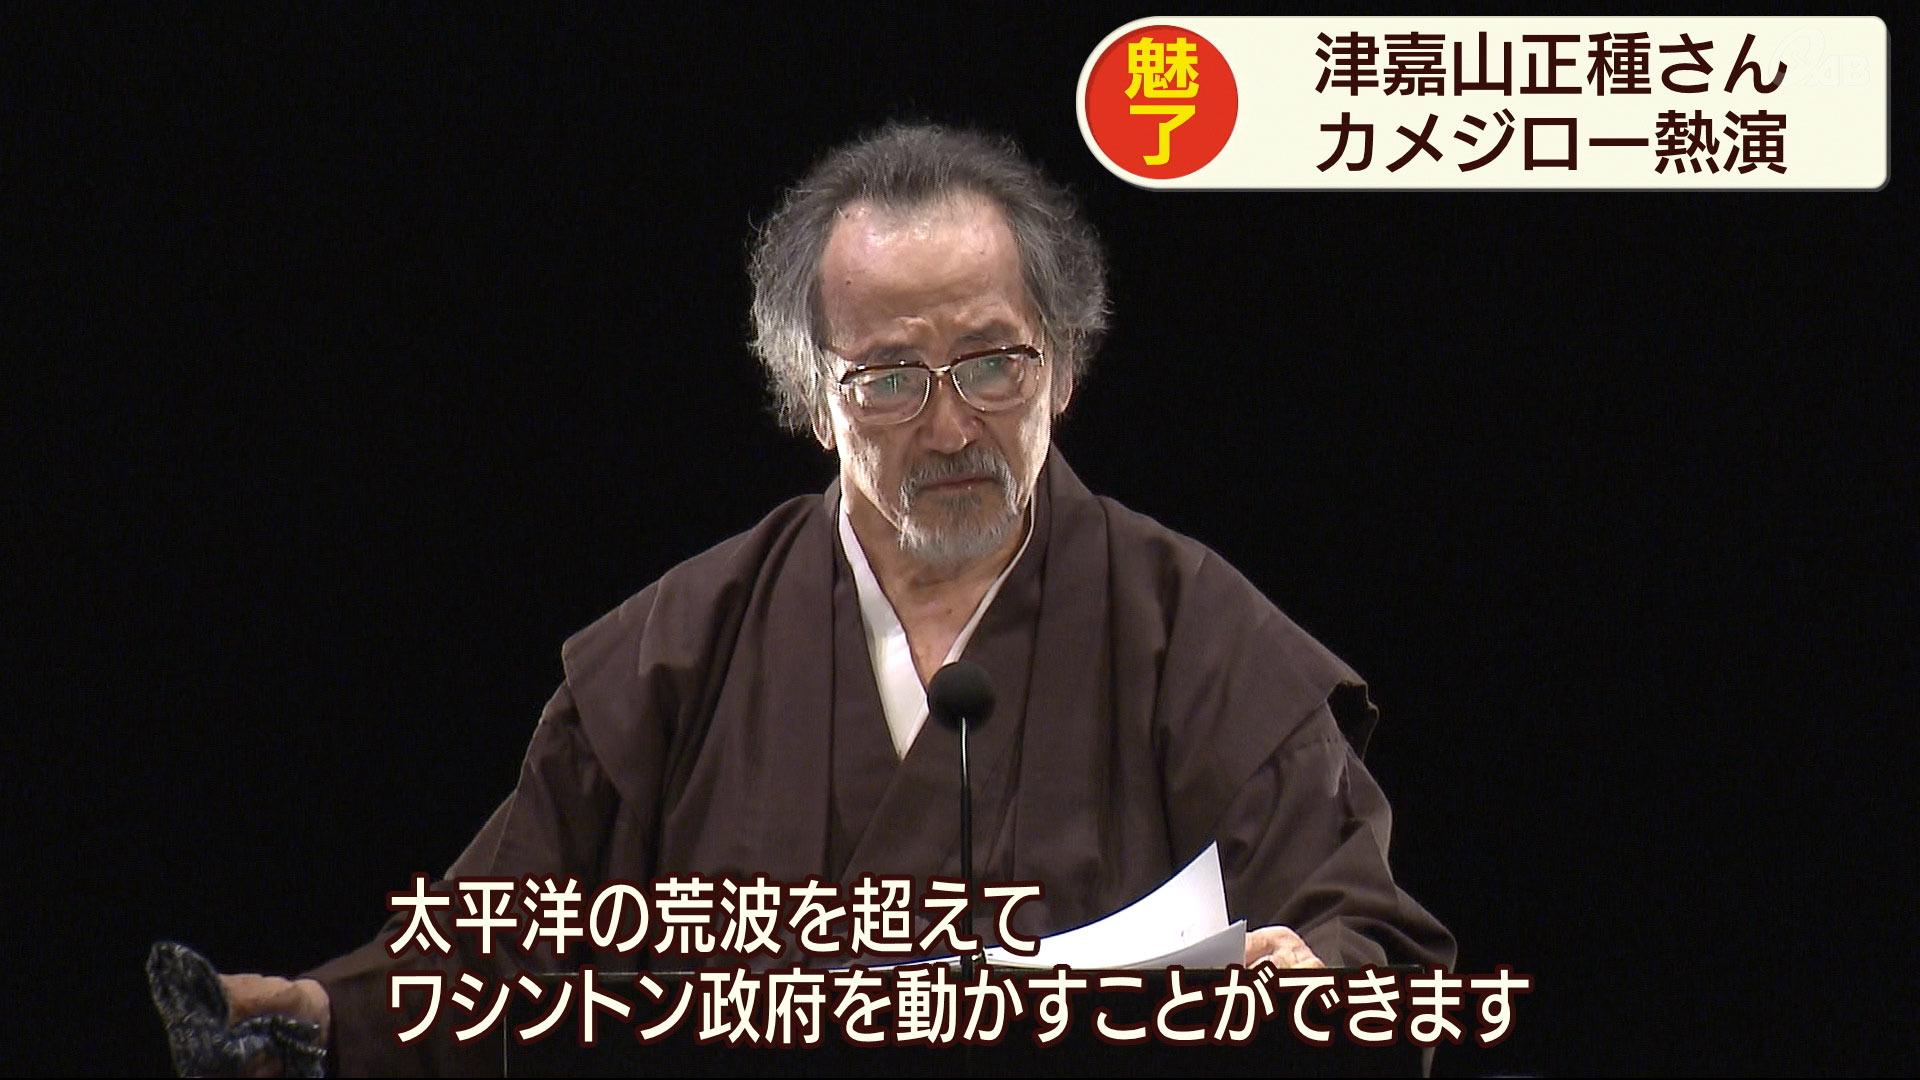 津嘉山正種さん カメジロー熱演